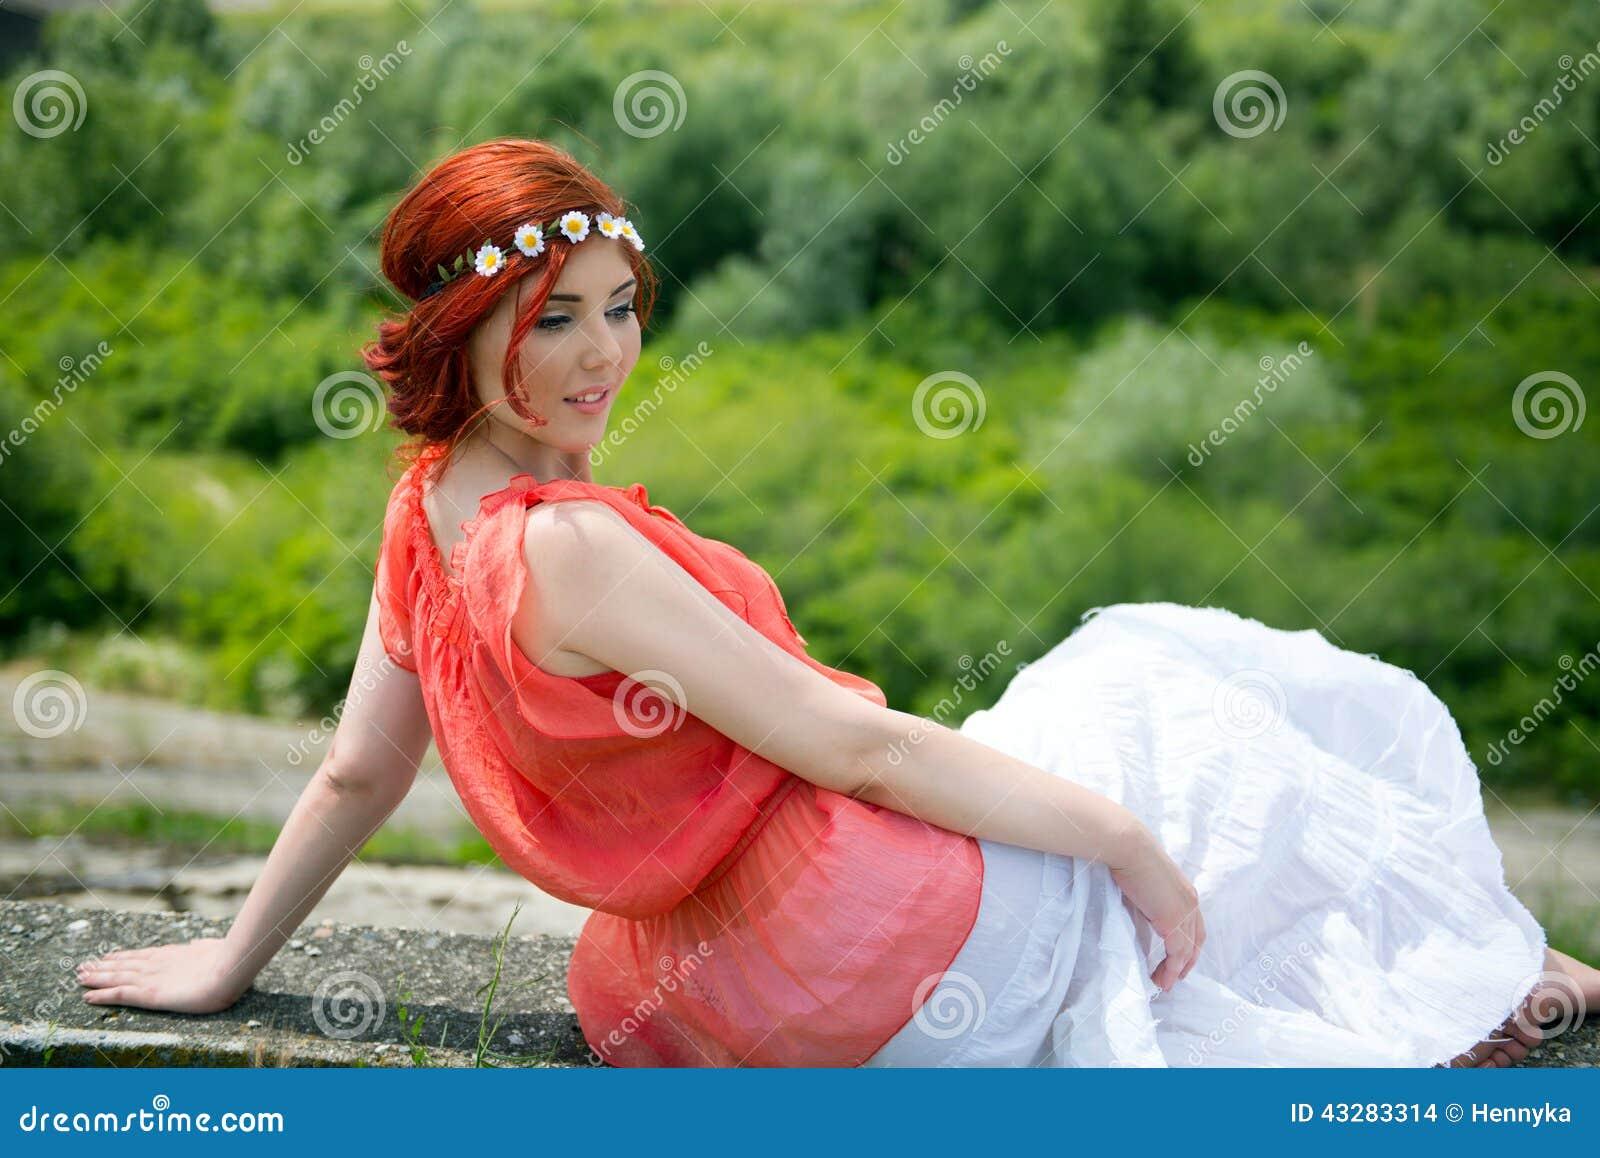 摆在本质上的年轻红头发人嬉皮妇女